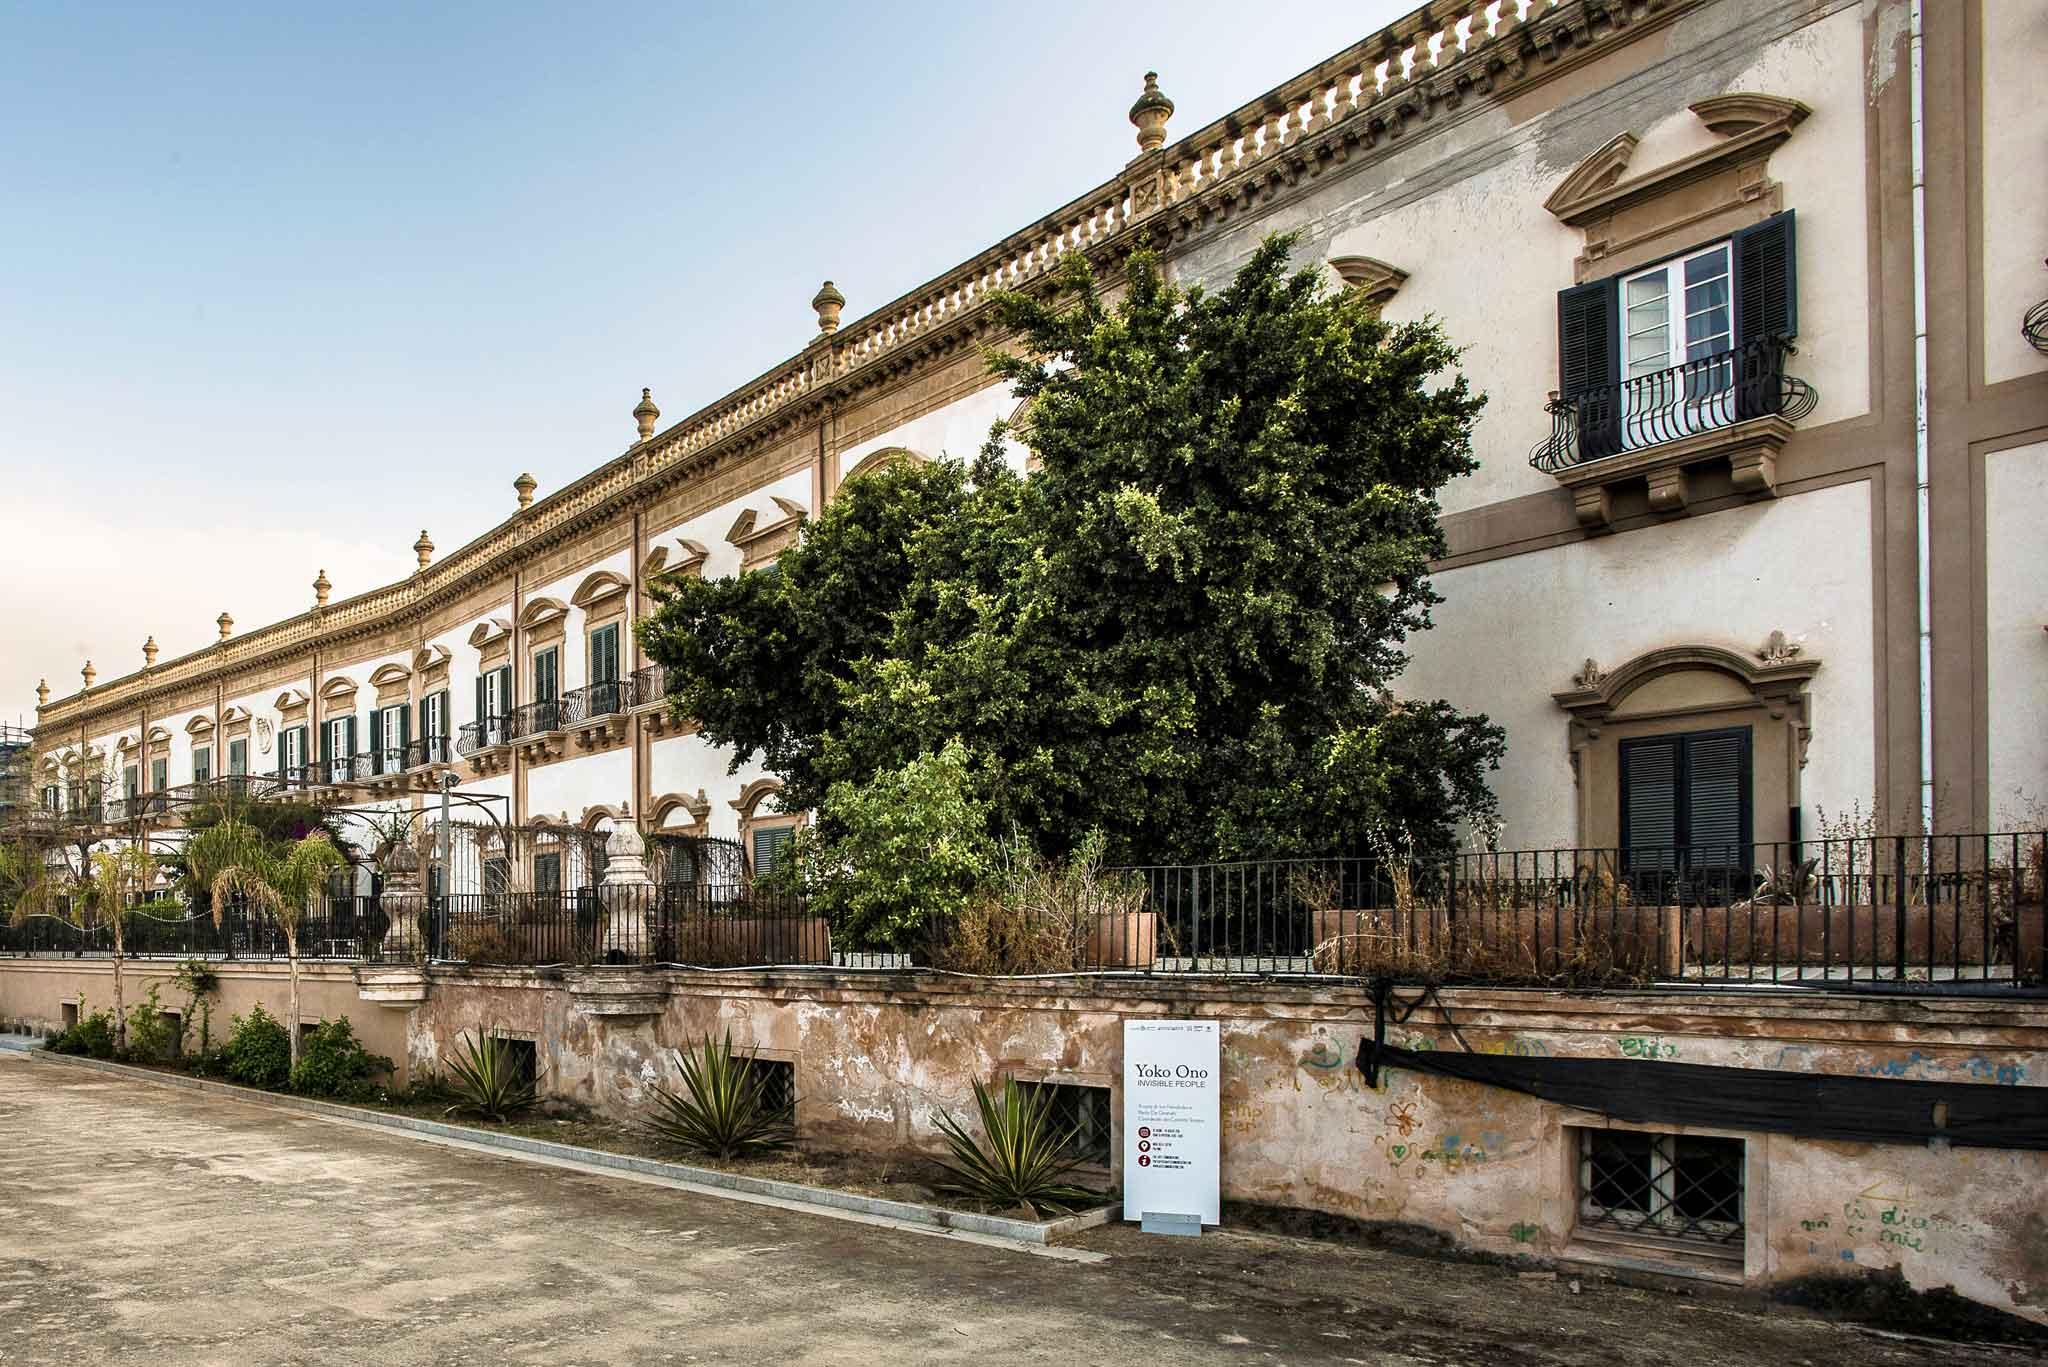 Palermo Apre Le Cattive Dei Tasca D Almerita A Palazzo Butera